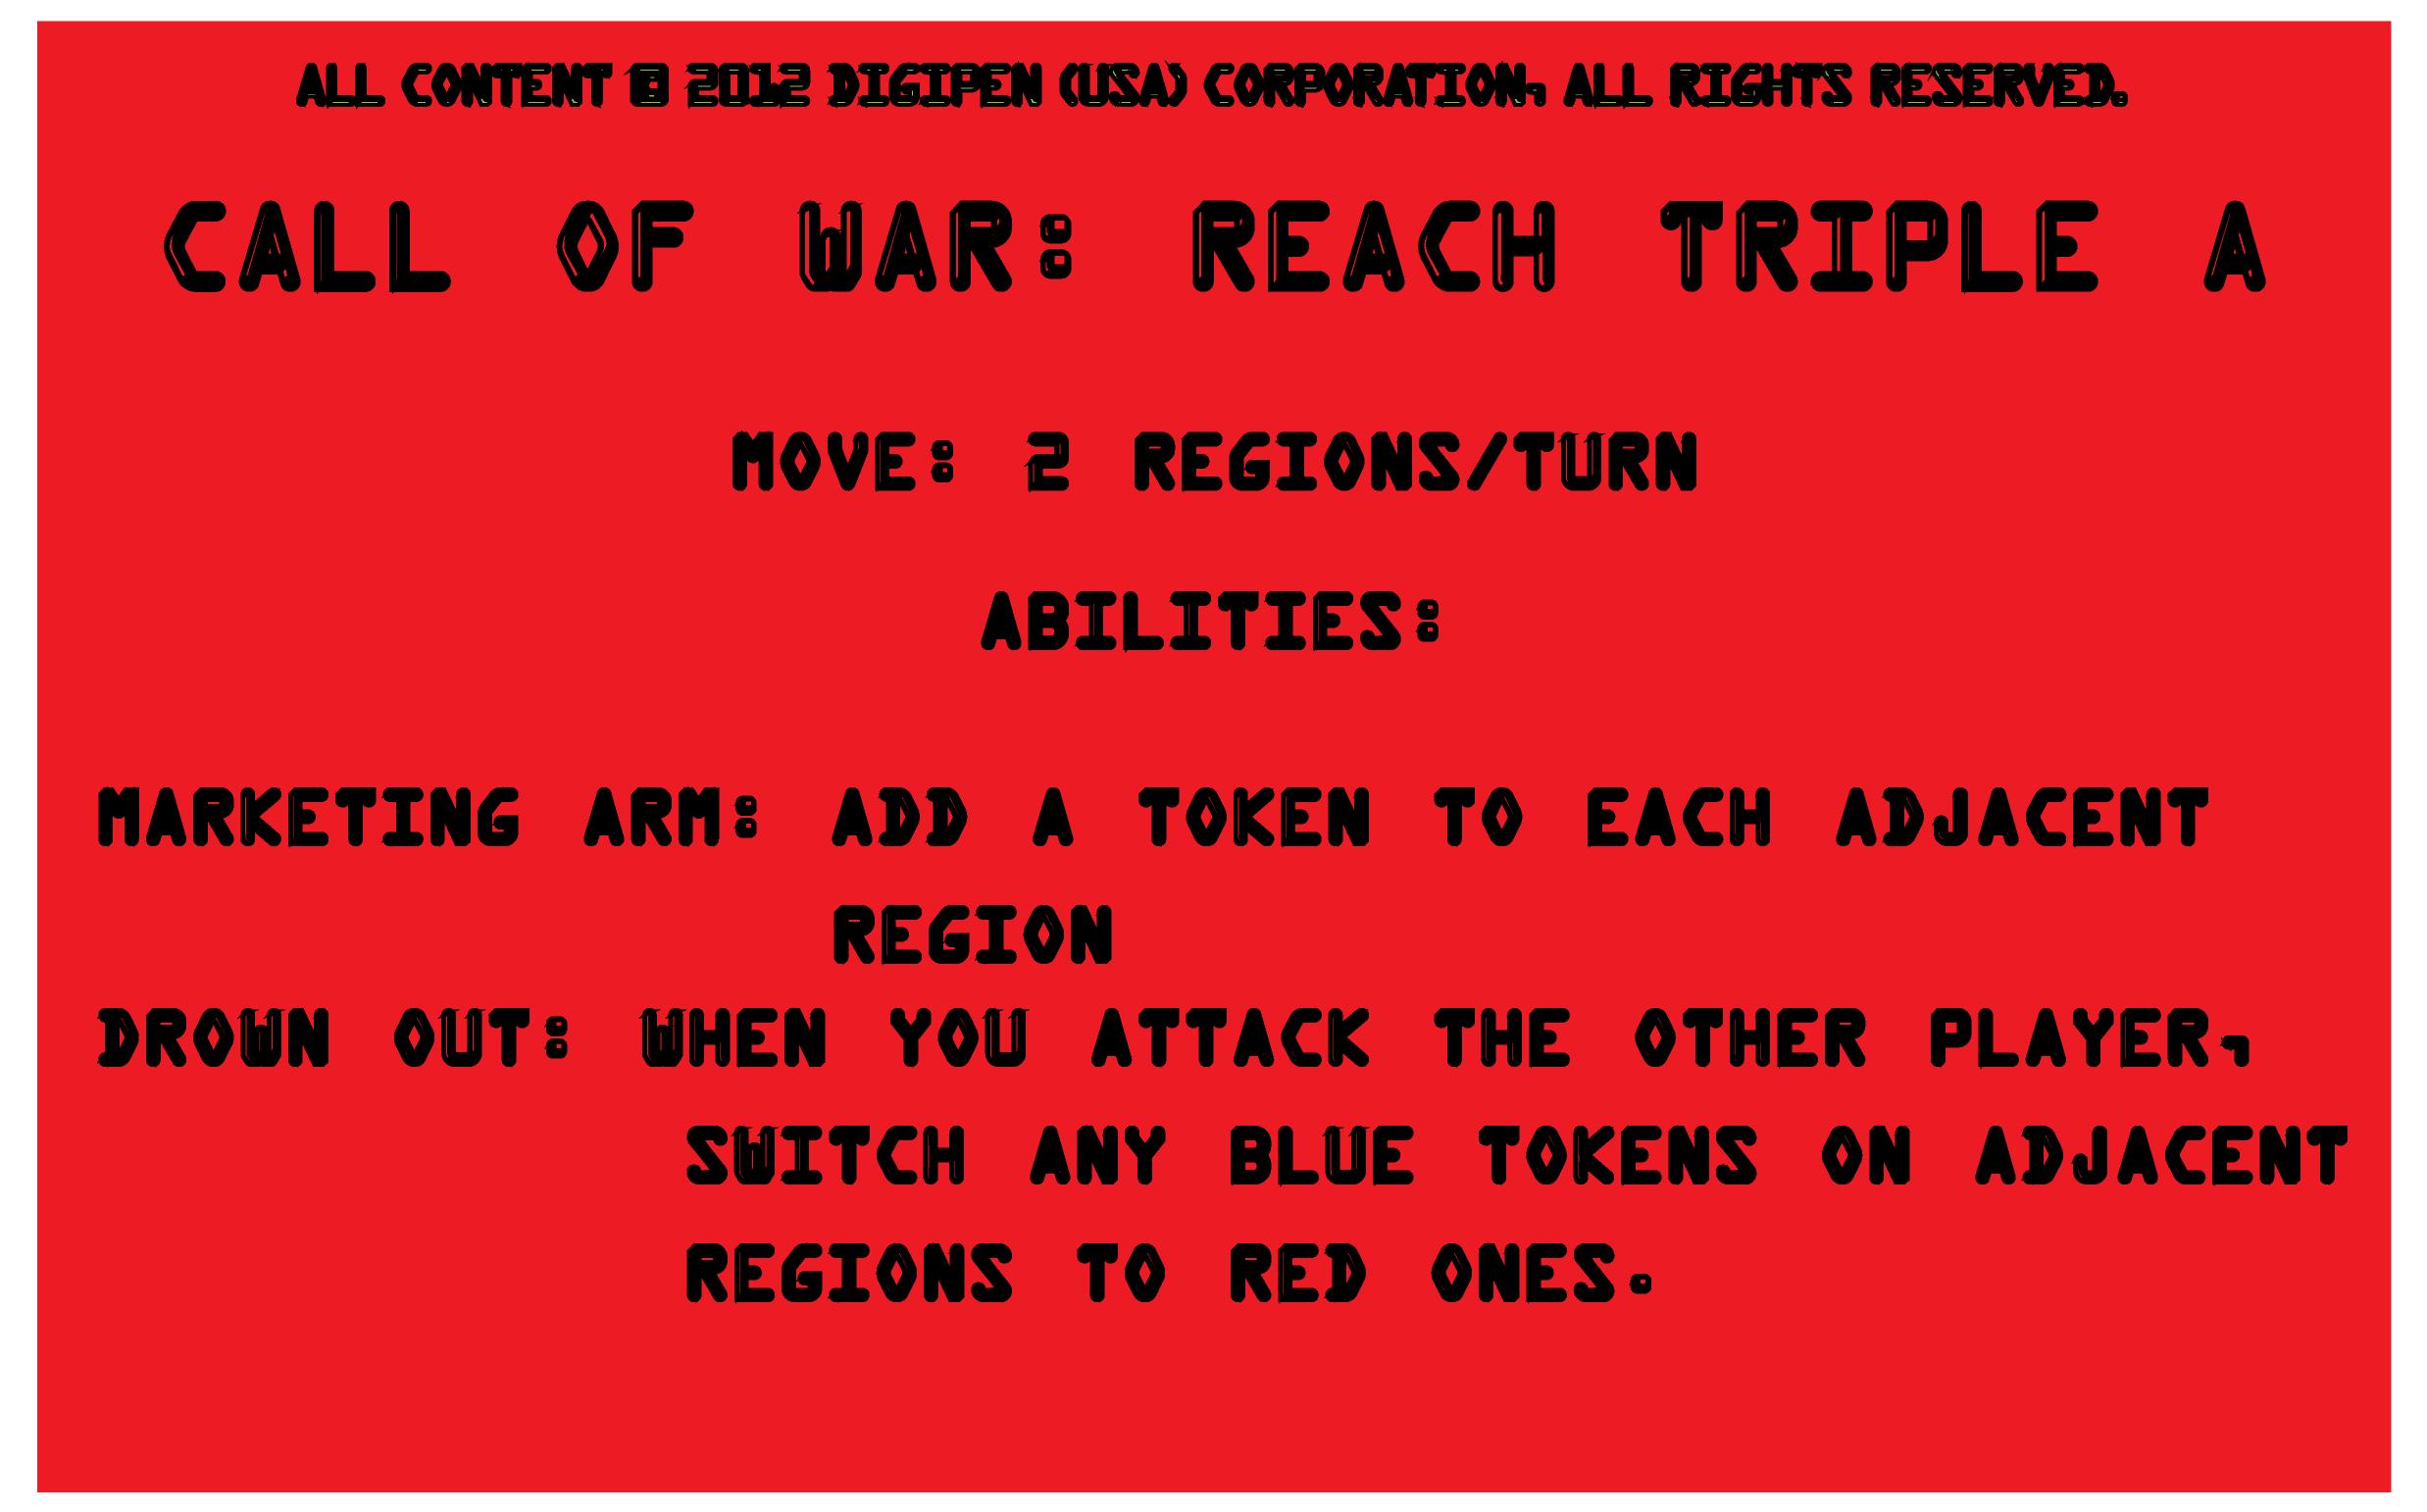 Player Card: Call of War: Reach Triple A